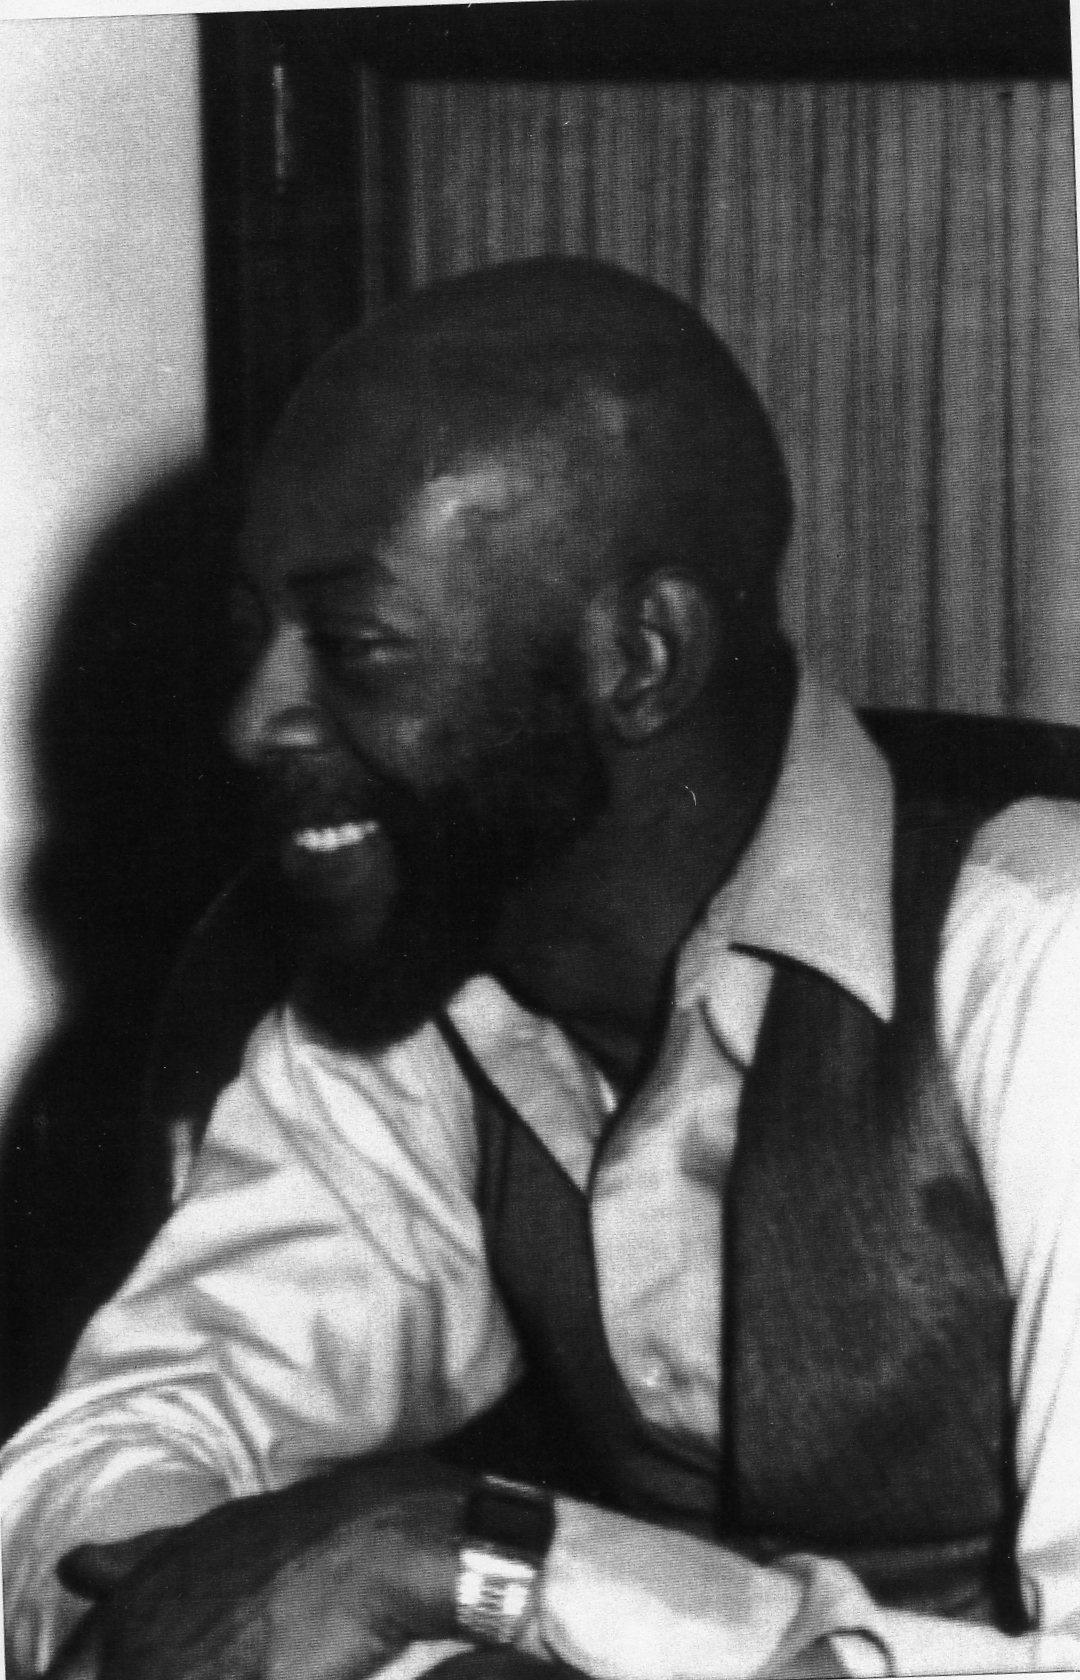 Herb King